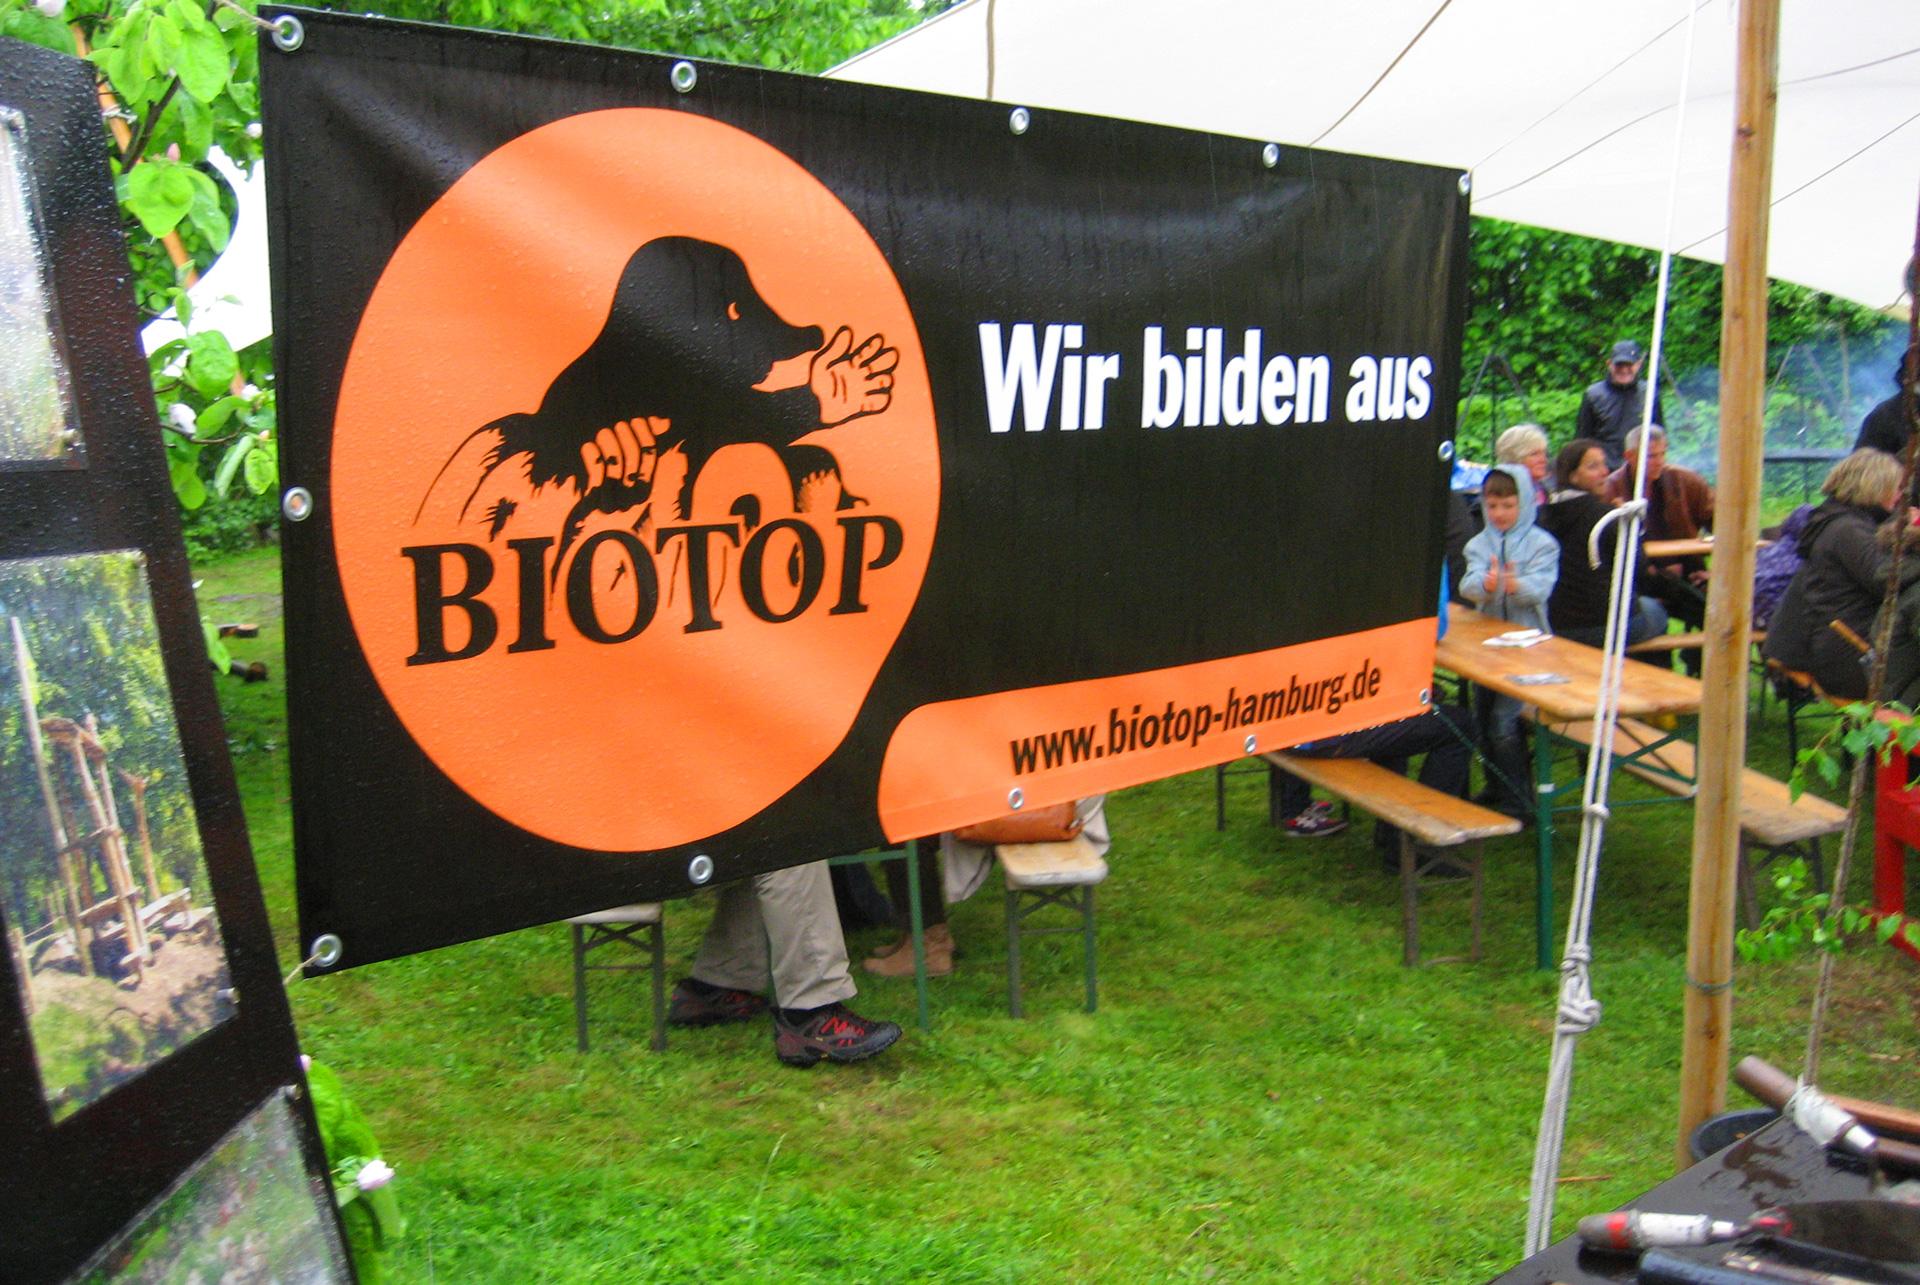 Biotop Hamburg ausbildung biotop